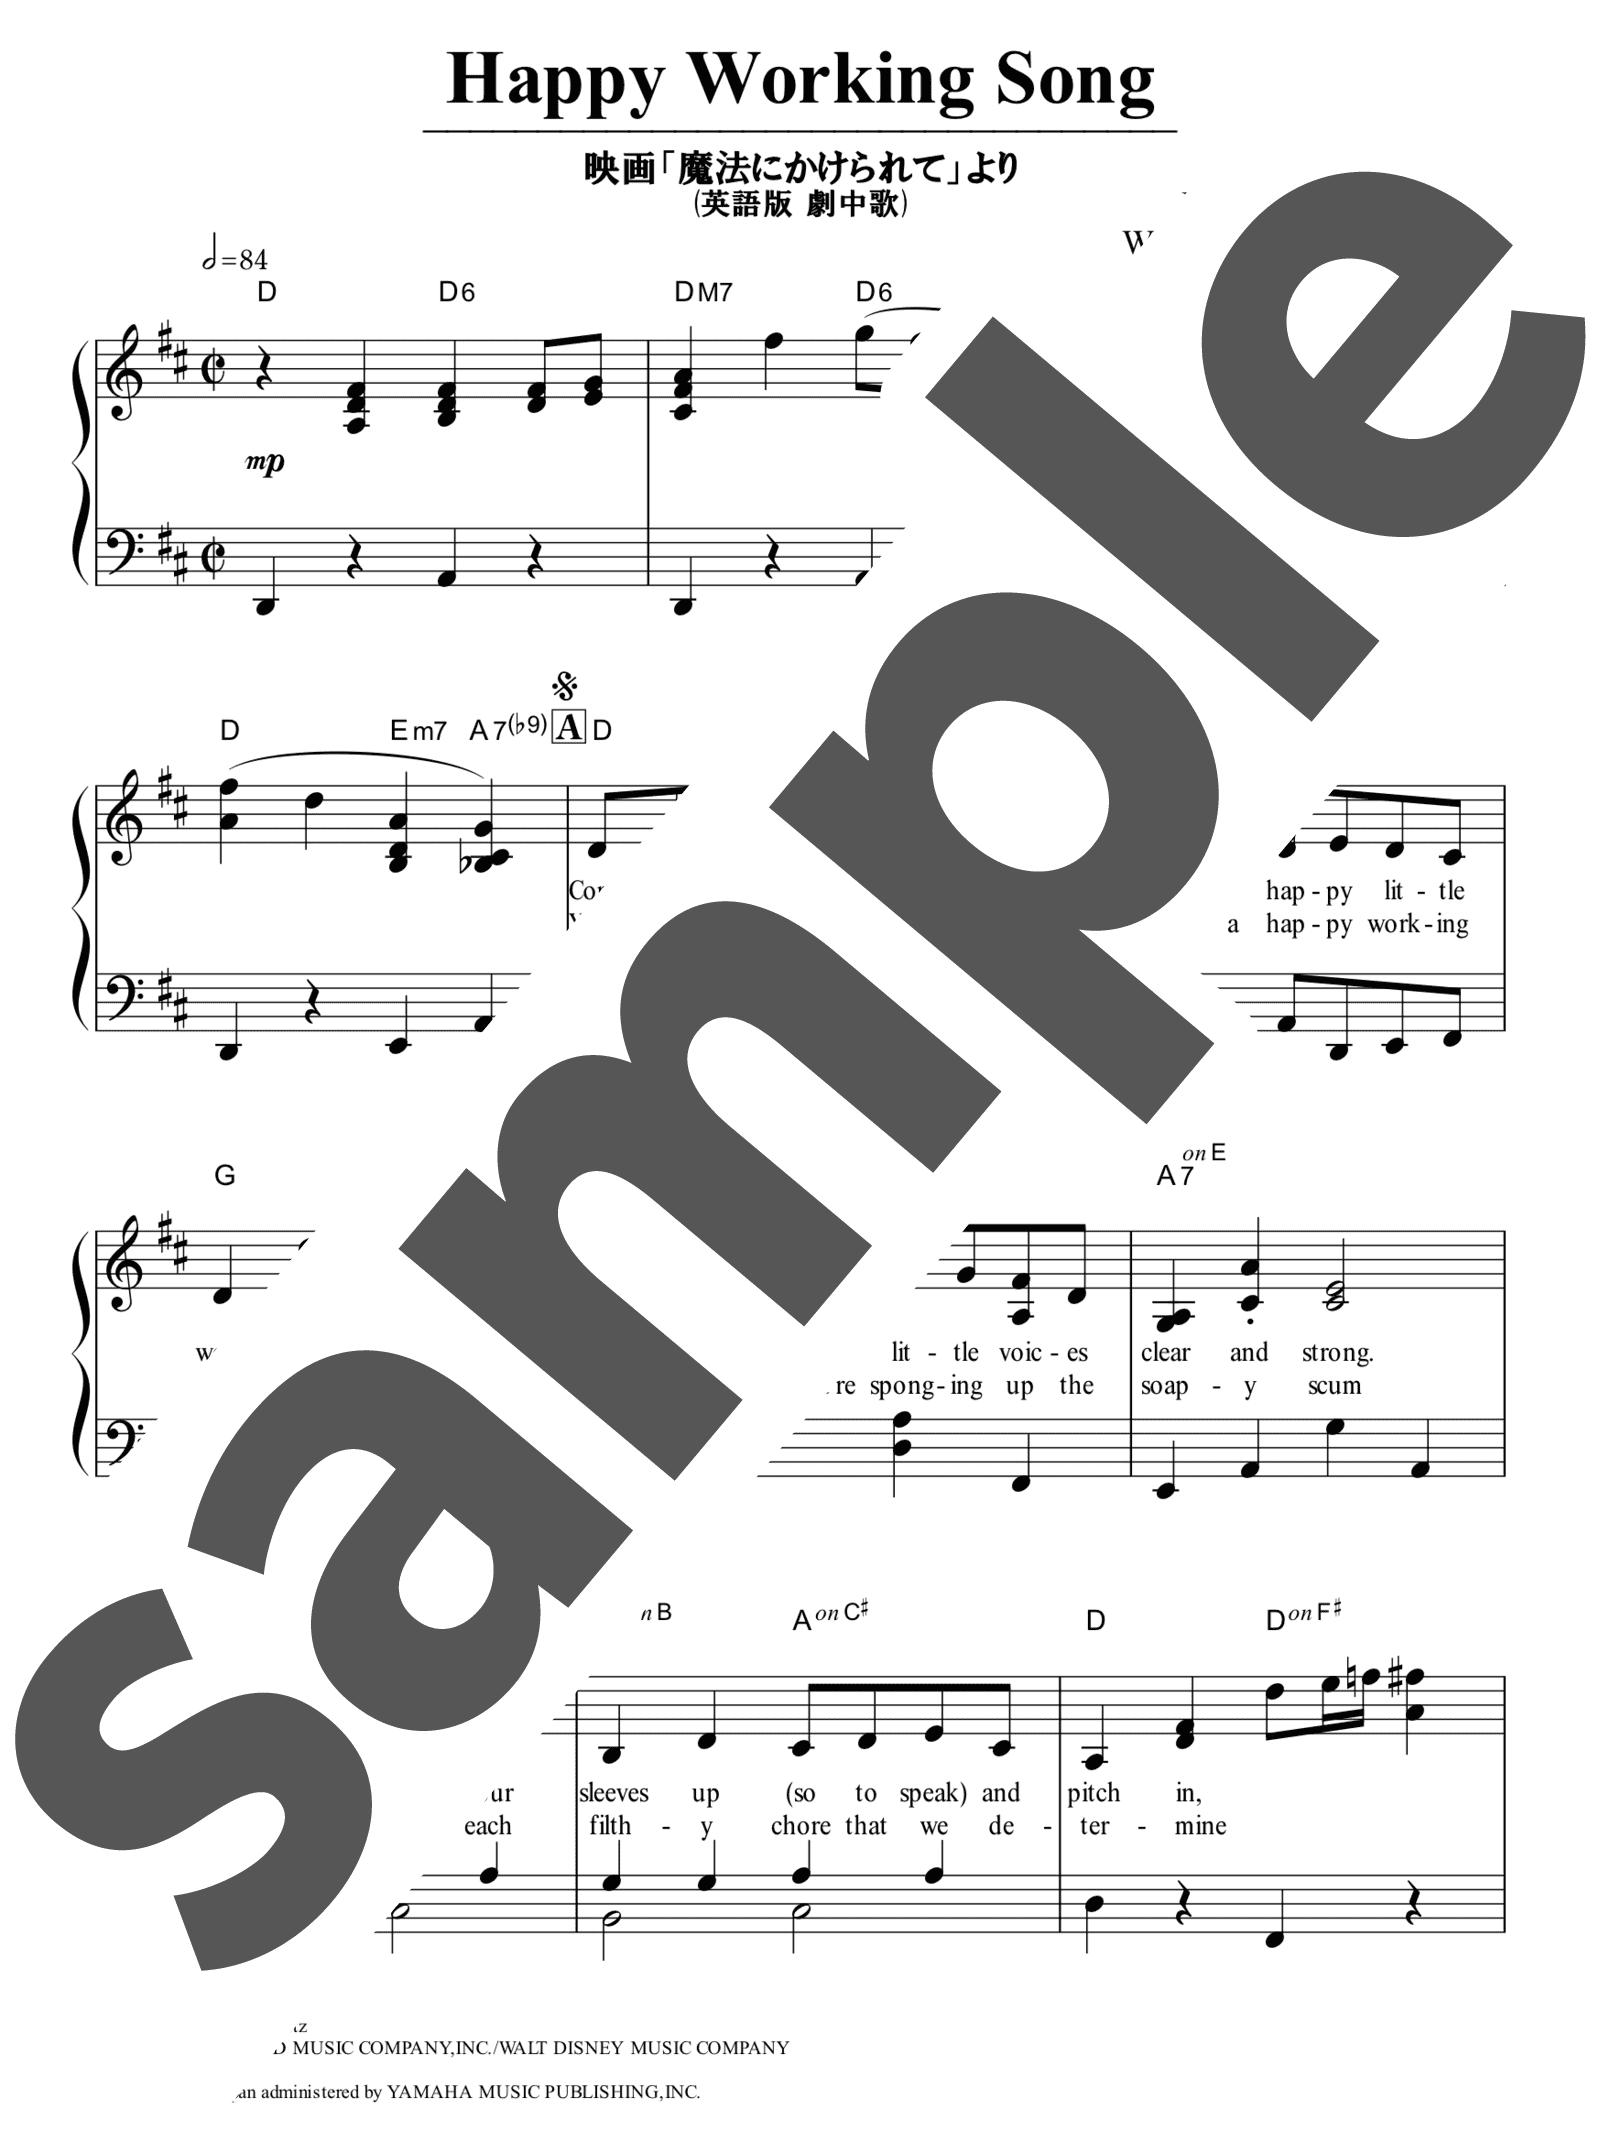 「歌ってお仕事」のサンプル楽譜